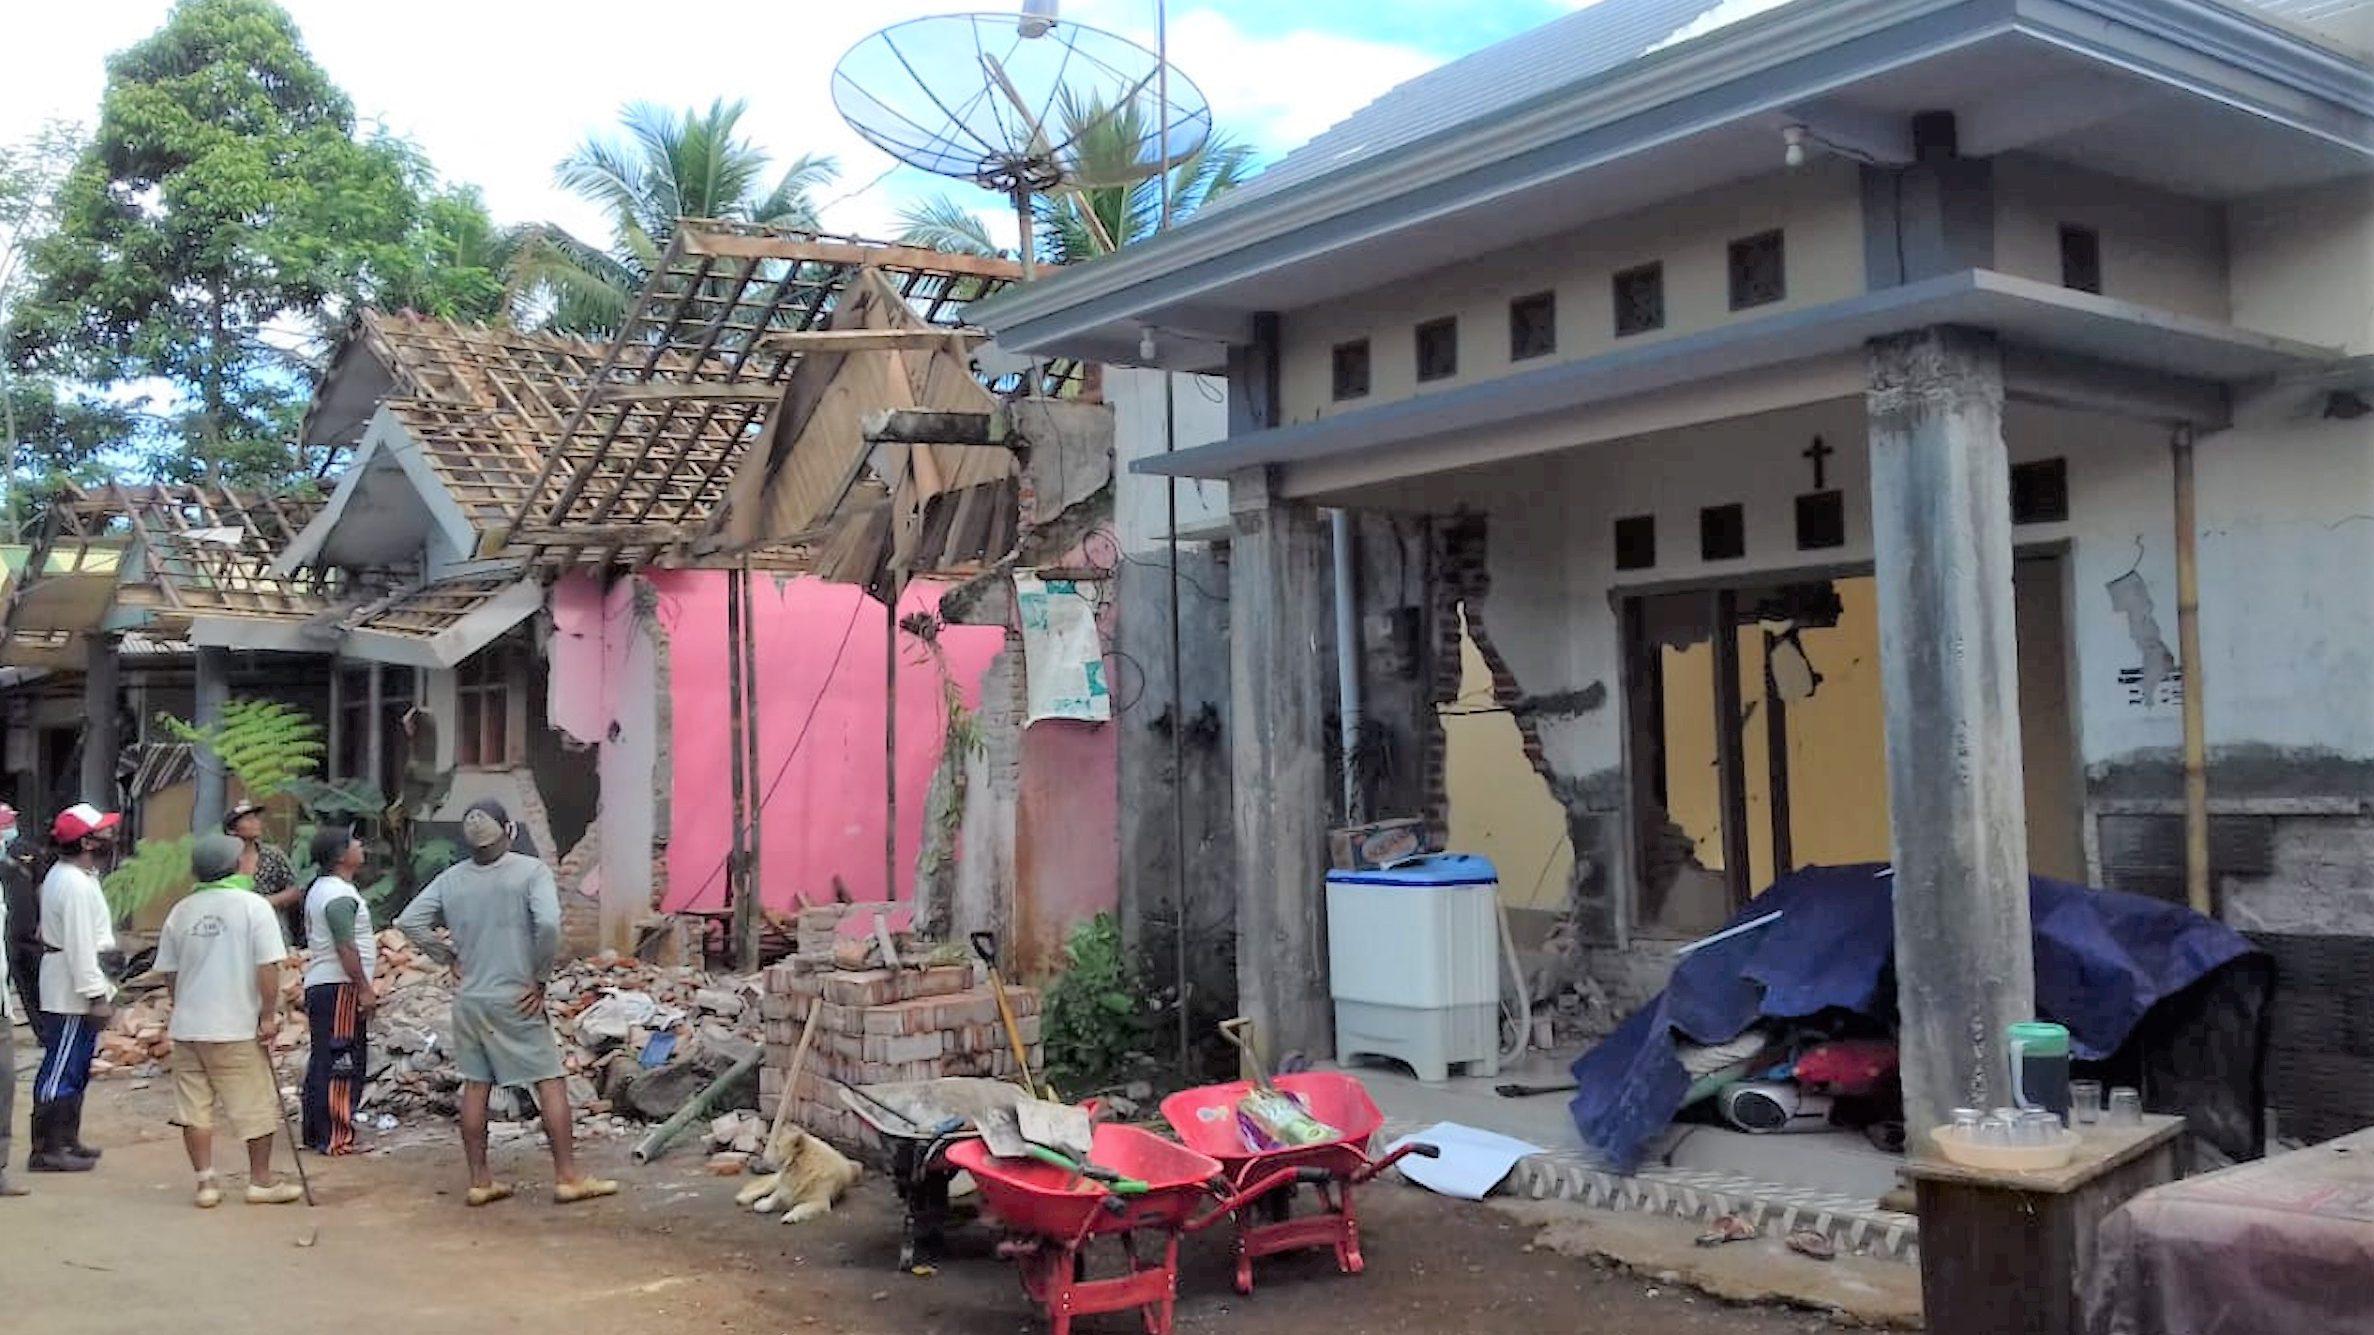 Soforthilfe für Partnerkirche nach Erdbeben in Indonesien